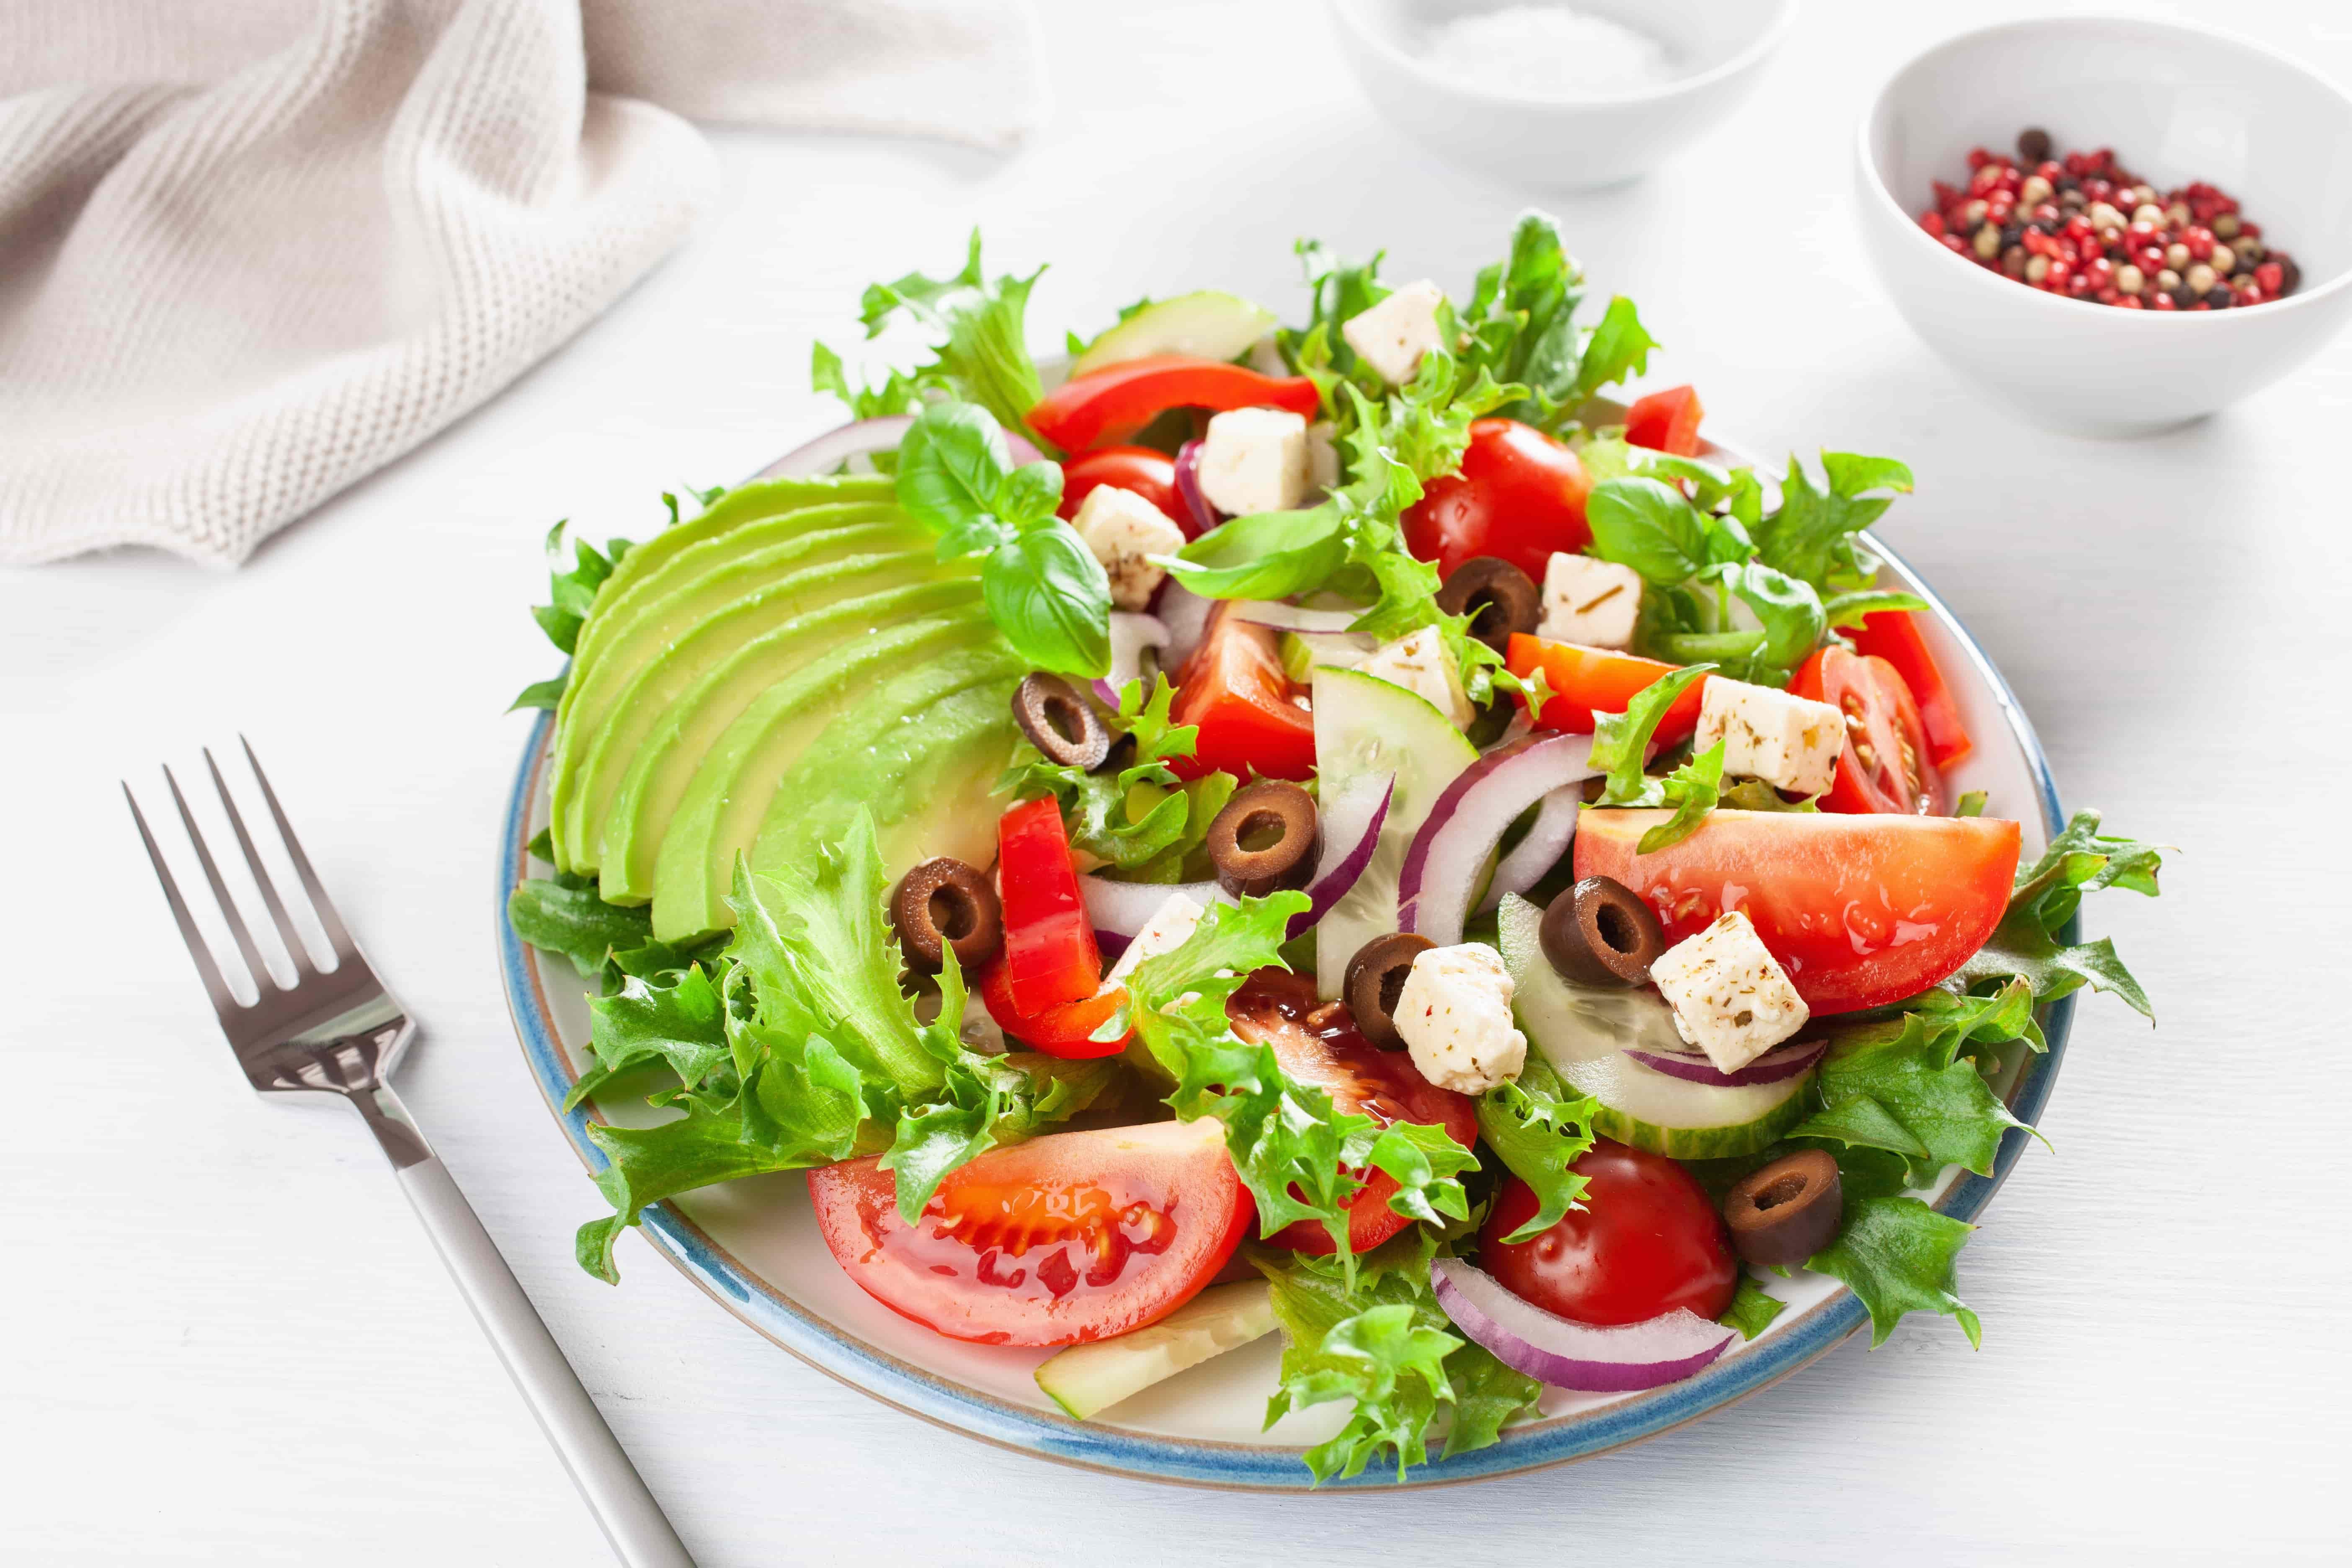 Салат с авокадо, помидорами и огурцами - рецепт с пошаговым приготовлением